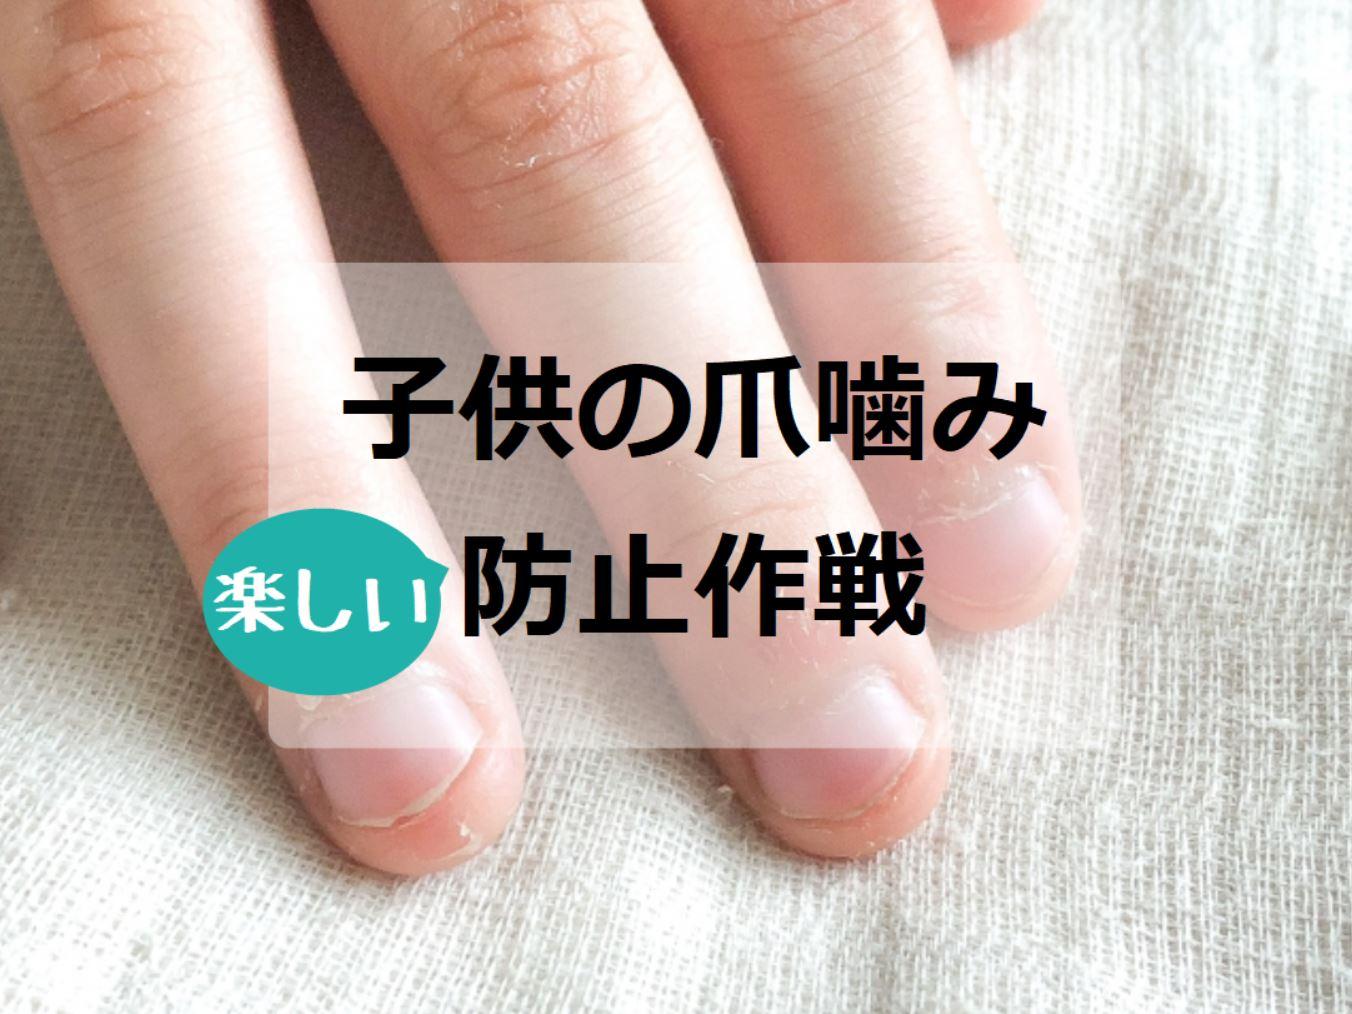 子ども爪噛み防止